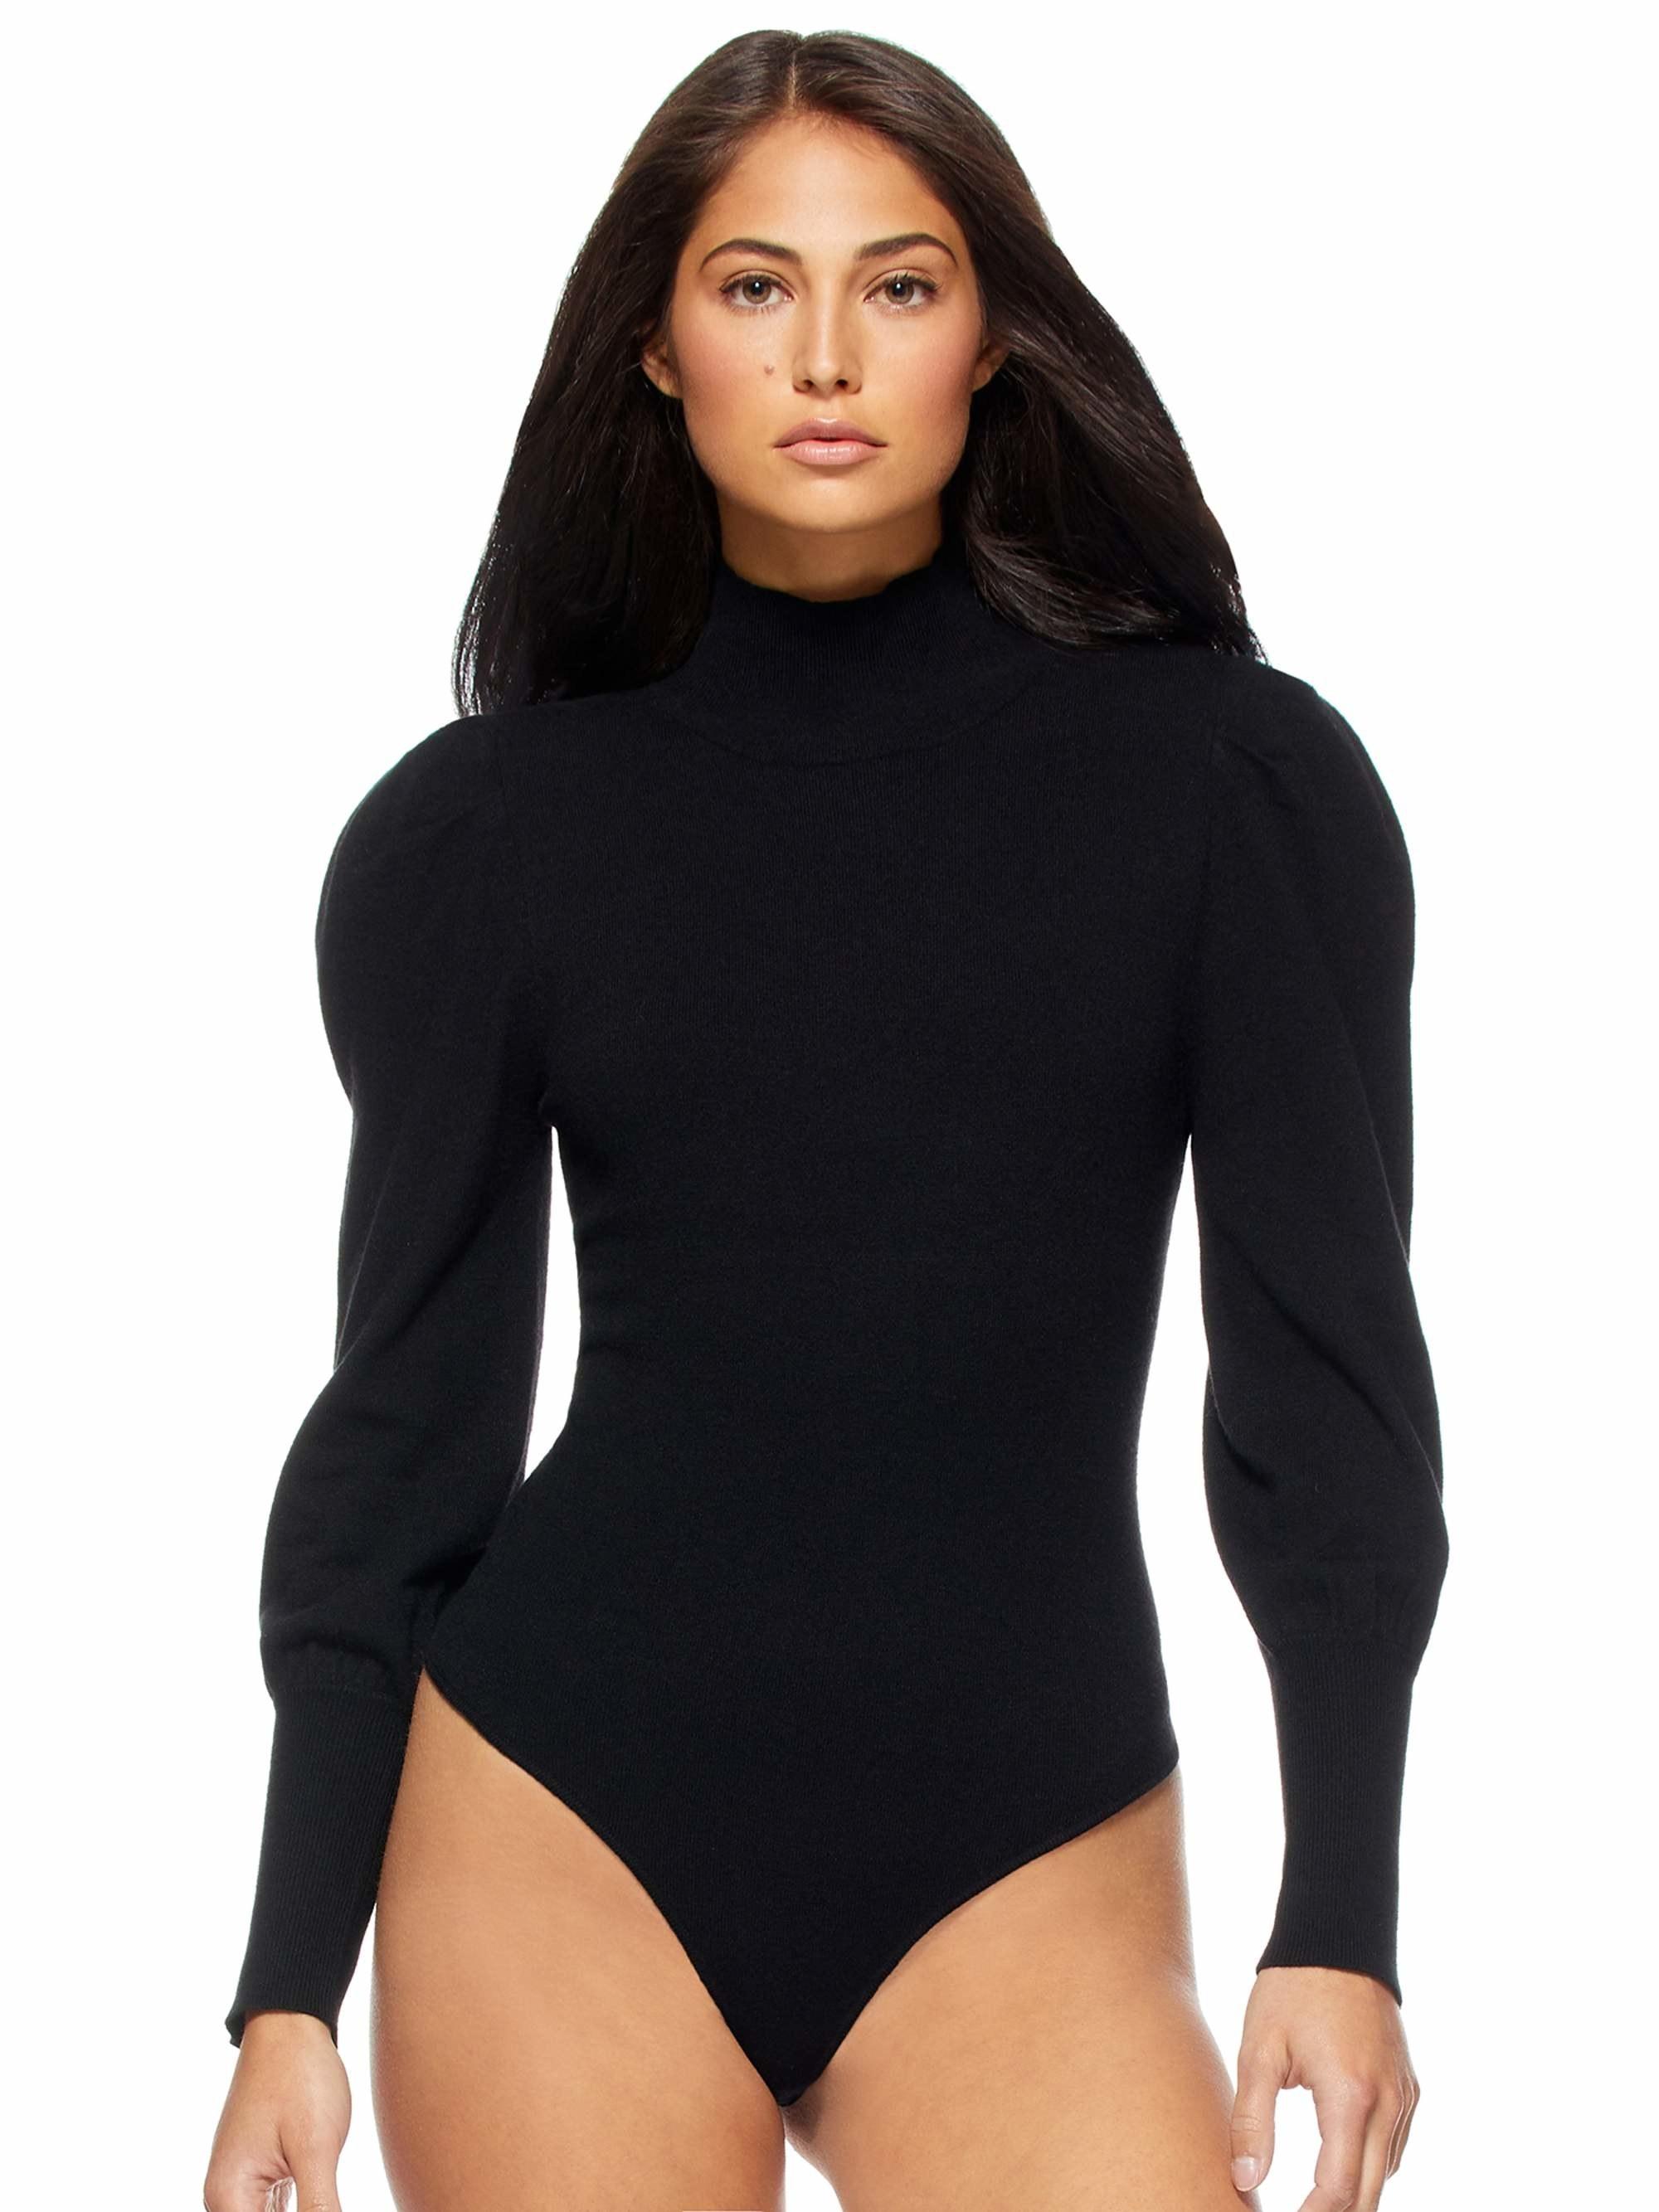 Model in long-sleeve black body suit